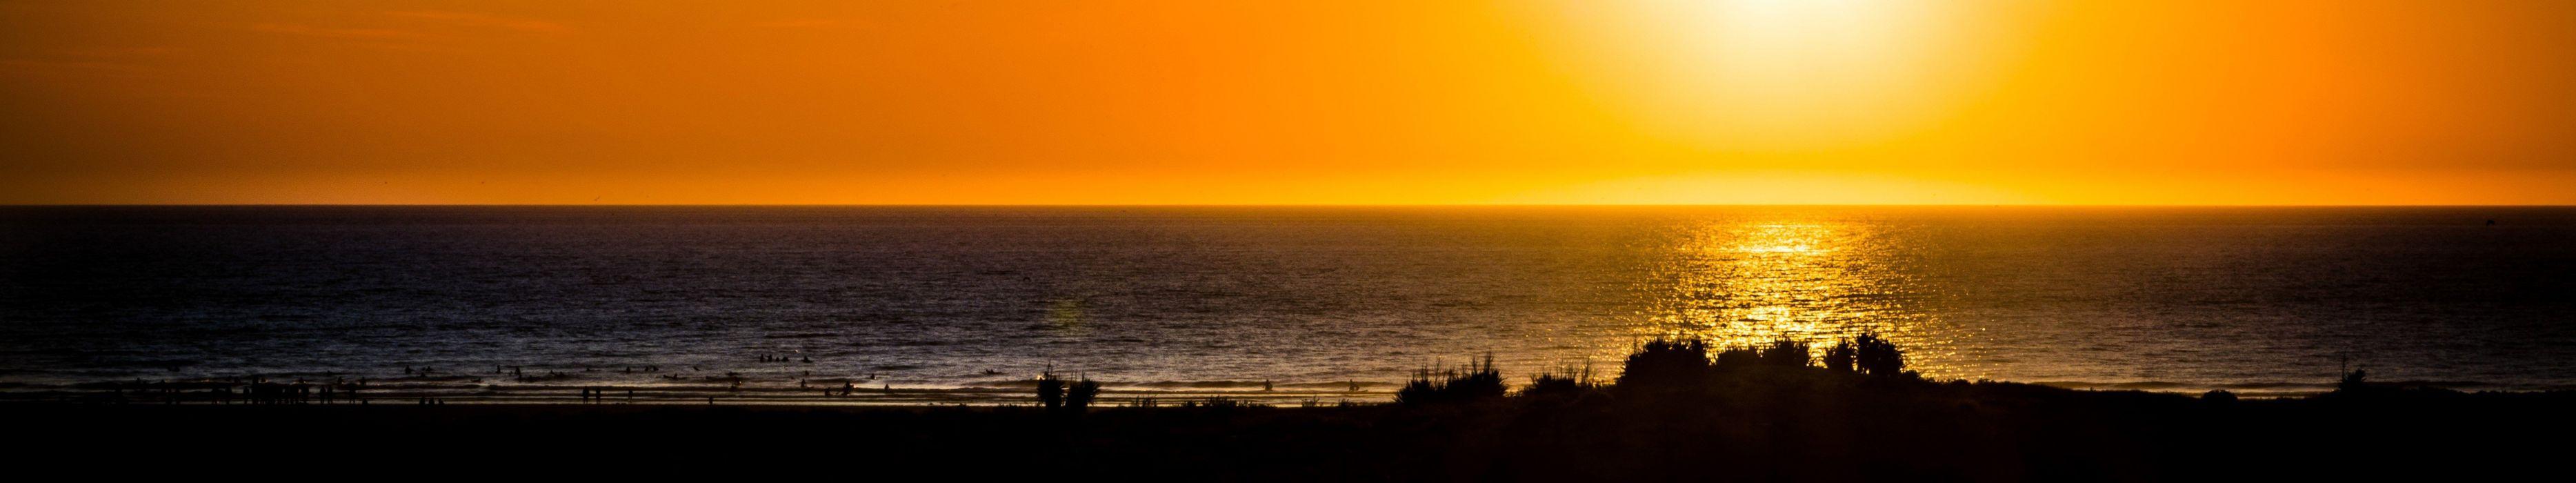 landscape sunset Triple Screen wallpaper